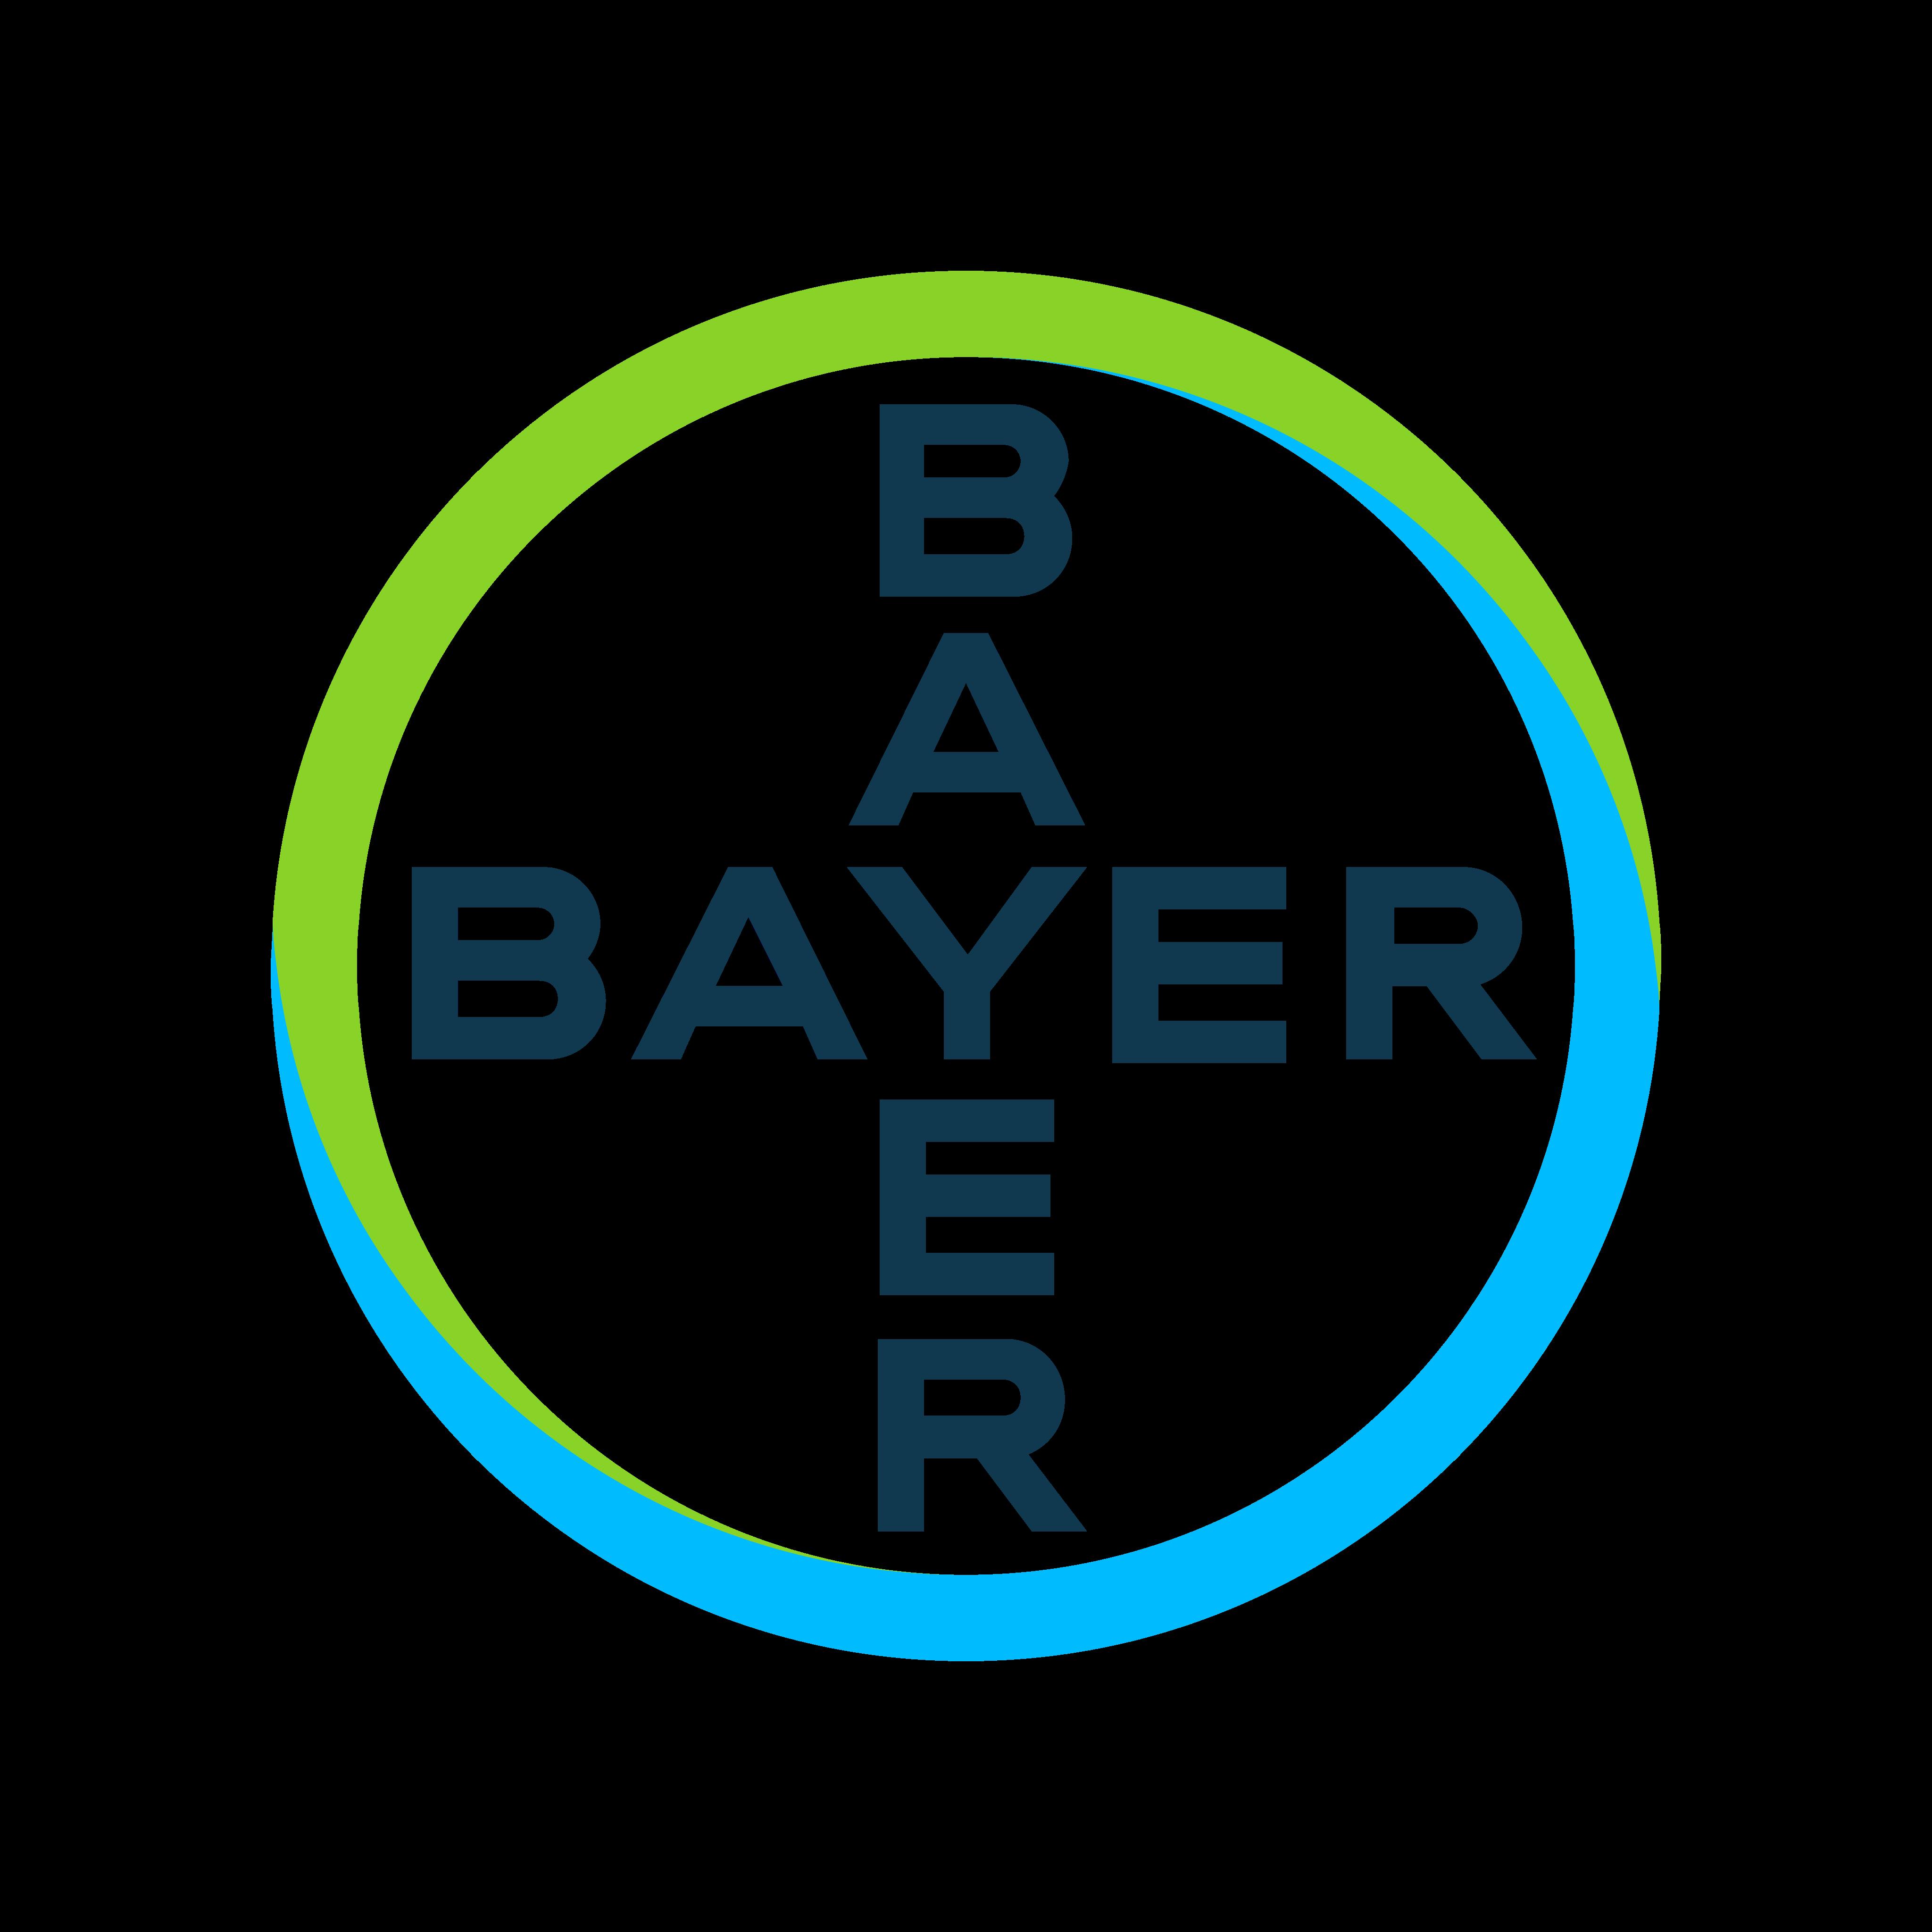 bayer logo 0 - Bayer Logo